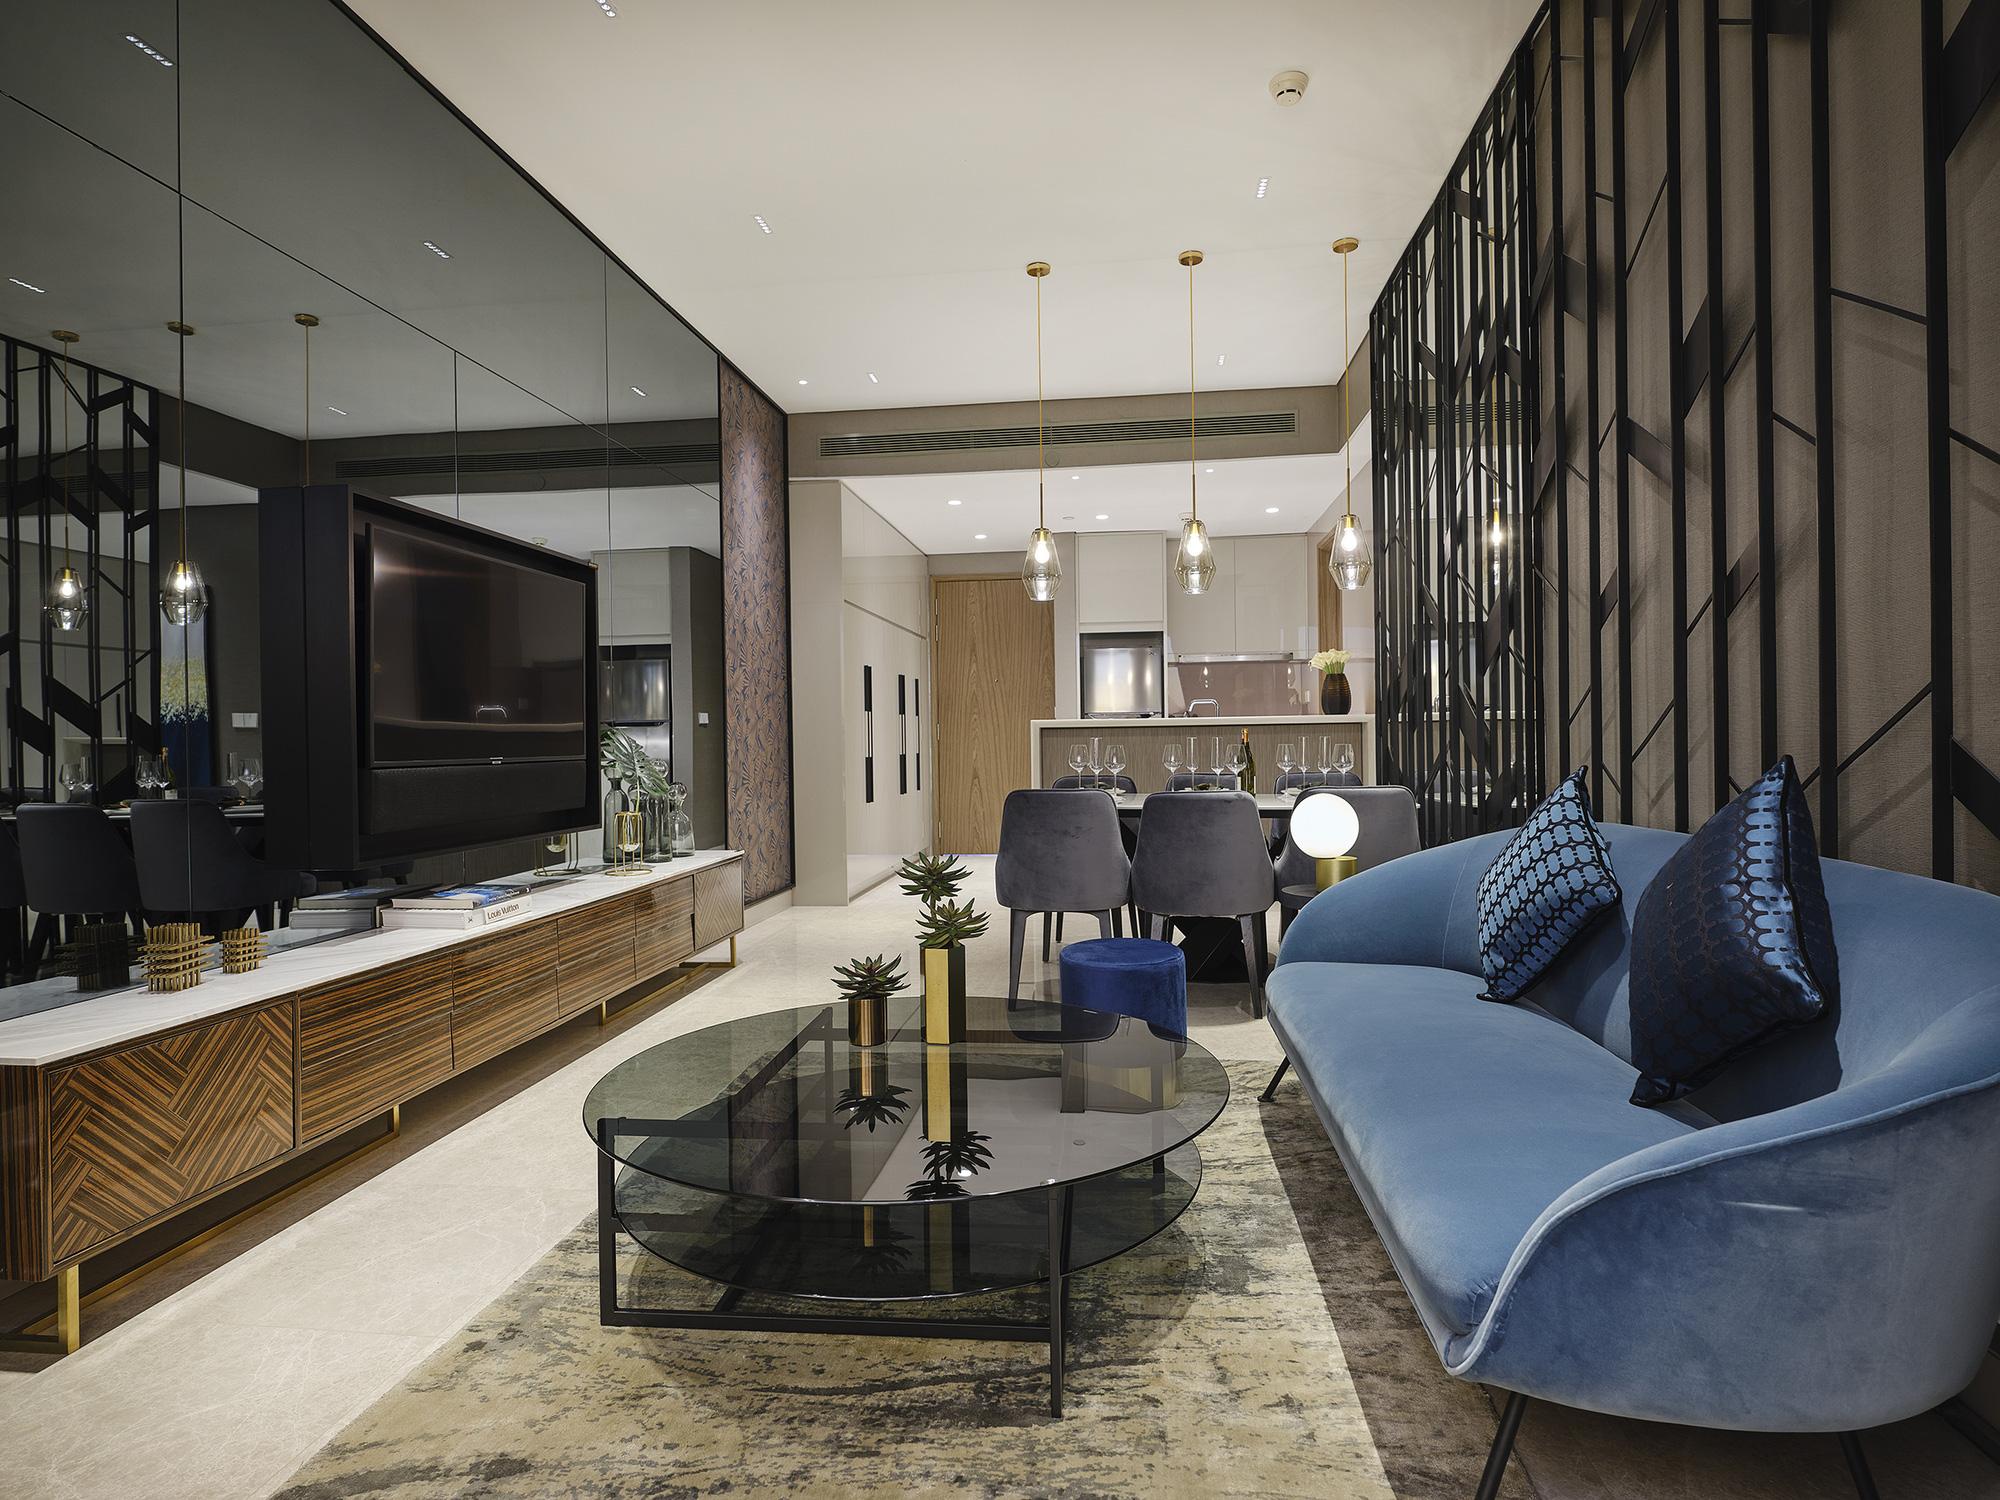 Đưa thời trang vào thiết kế nội thất – Sự xuất hiện ngoạn mục của những căn hộ đầy cảm hứng tại The River - Ảnh 4.